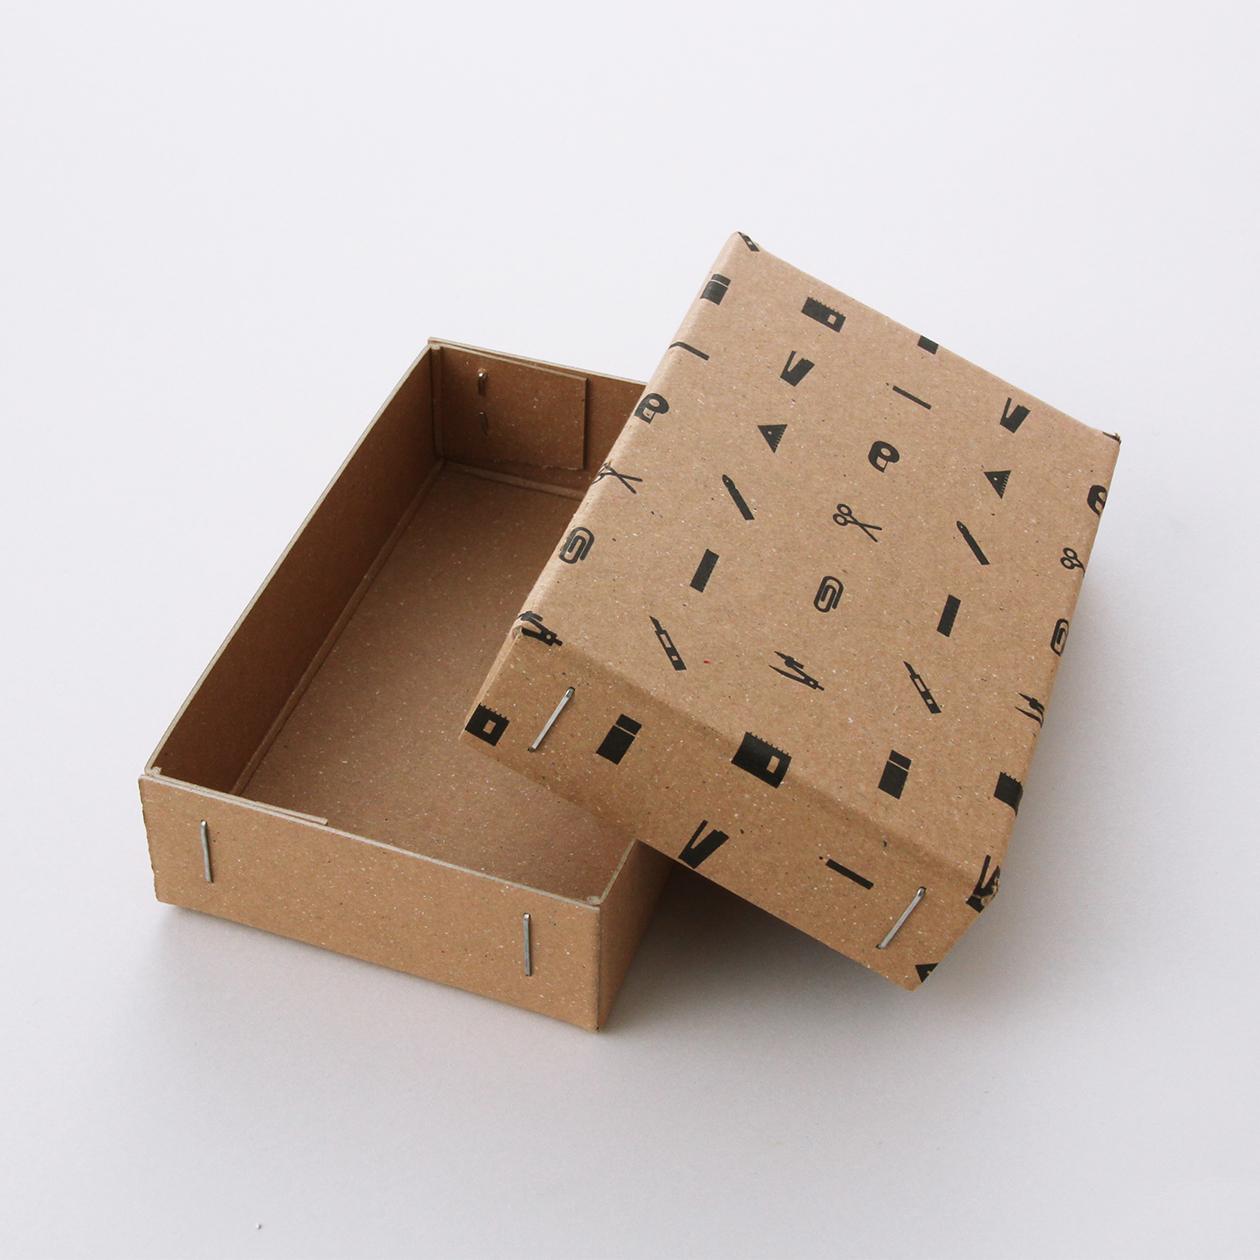 サンプル 箱(ホッチキスどめ) 00036